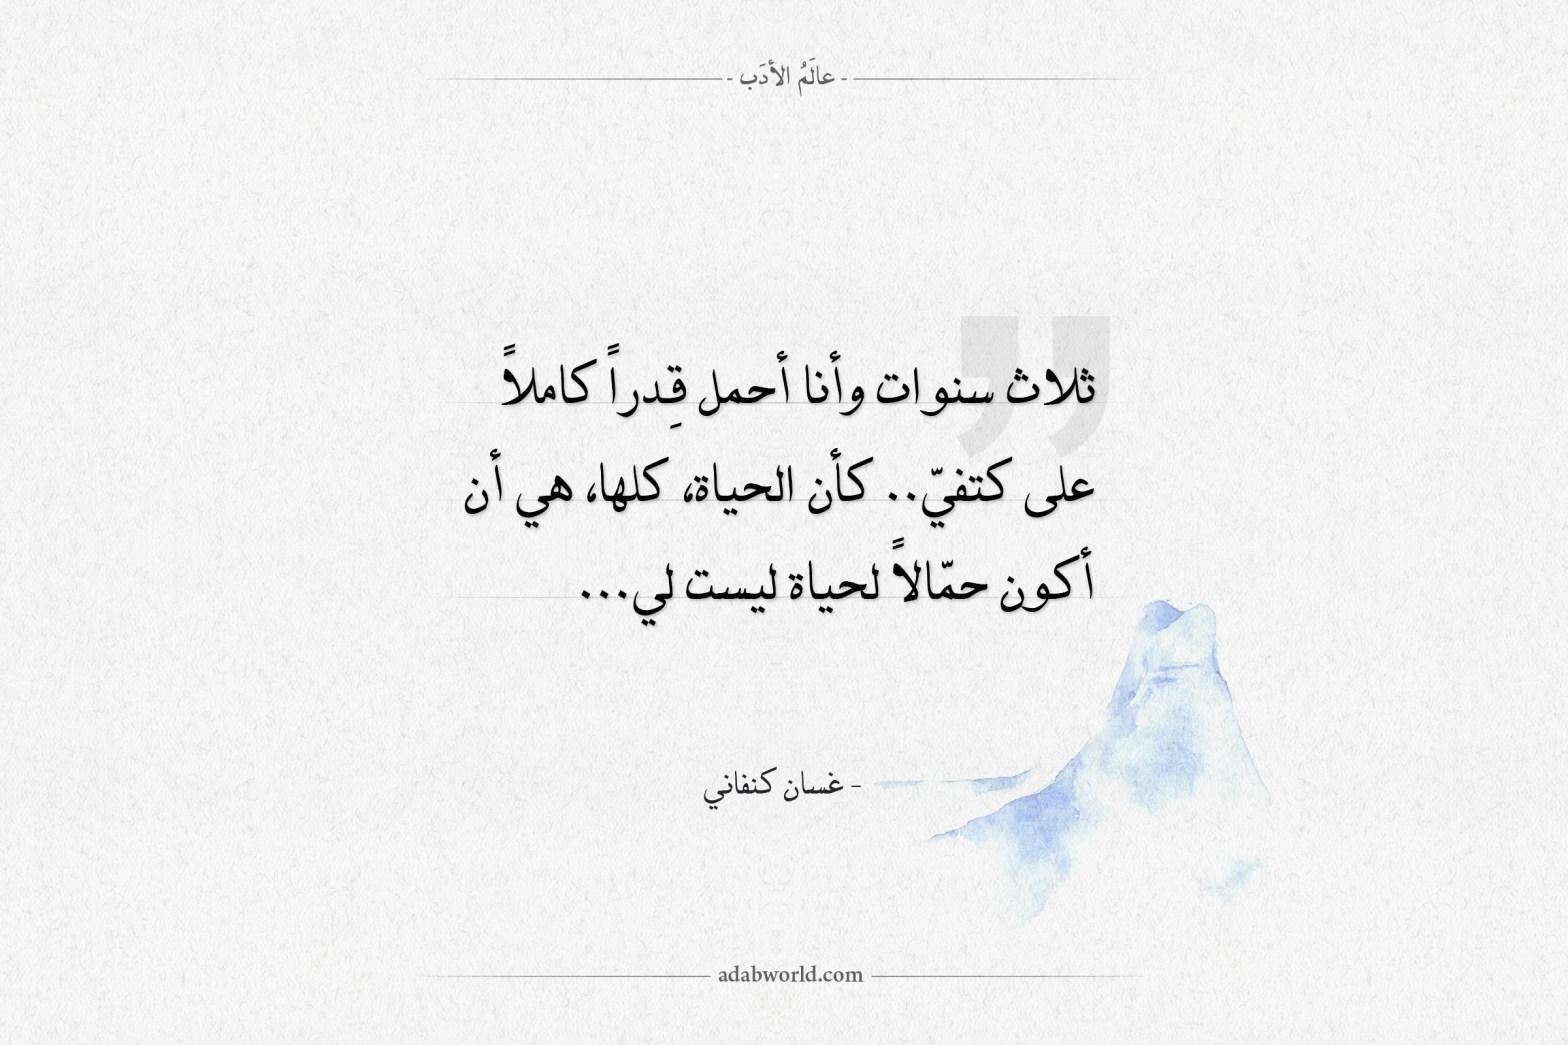 اقتباسات غسان كنفاني - أحمل قِدراً على كتفي